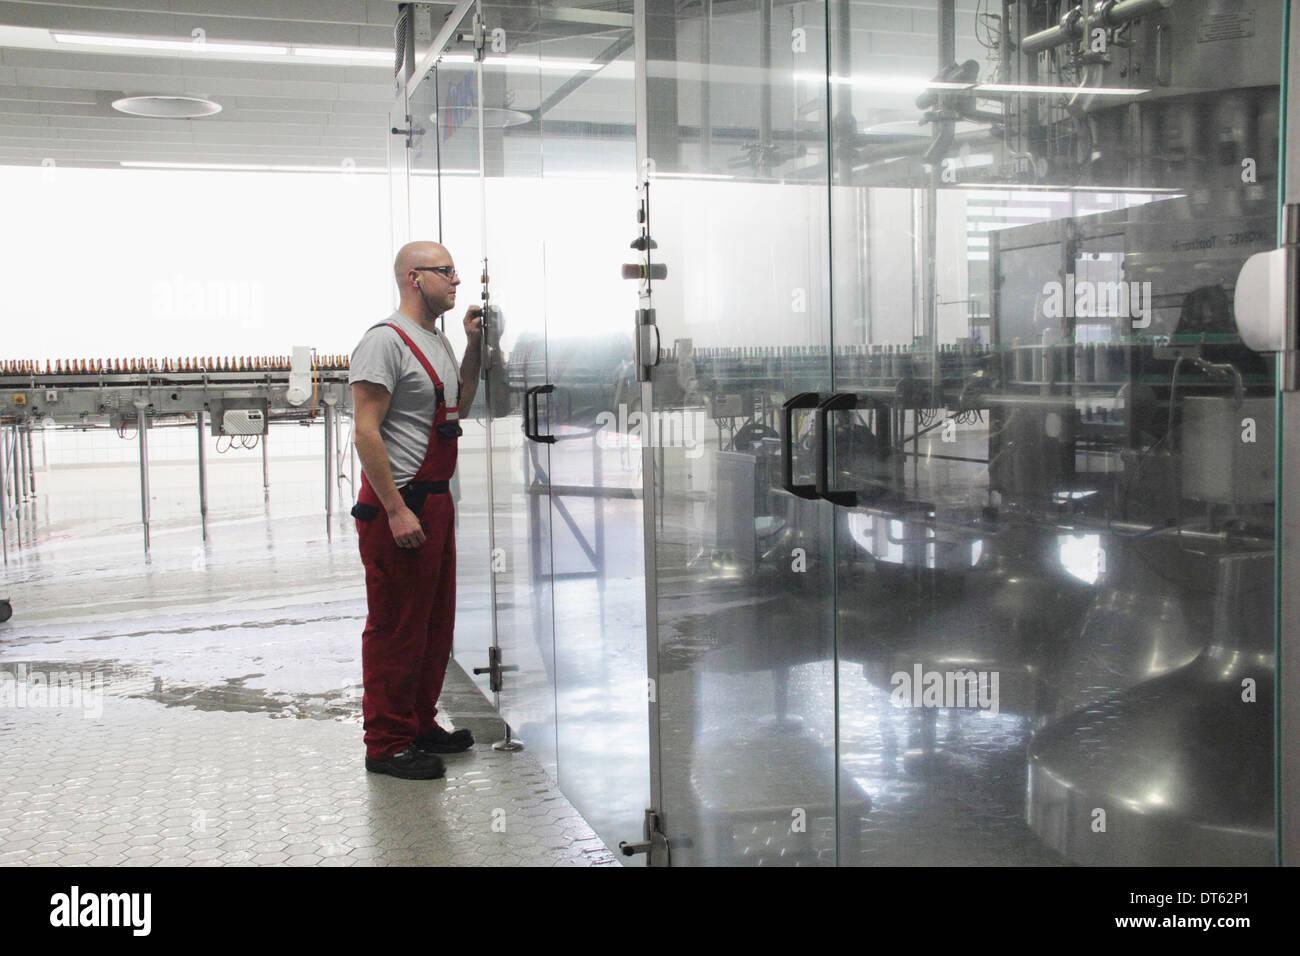 Mann, die Überprüfung der Ausrüstung in Brauerei Stockfoto